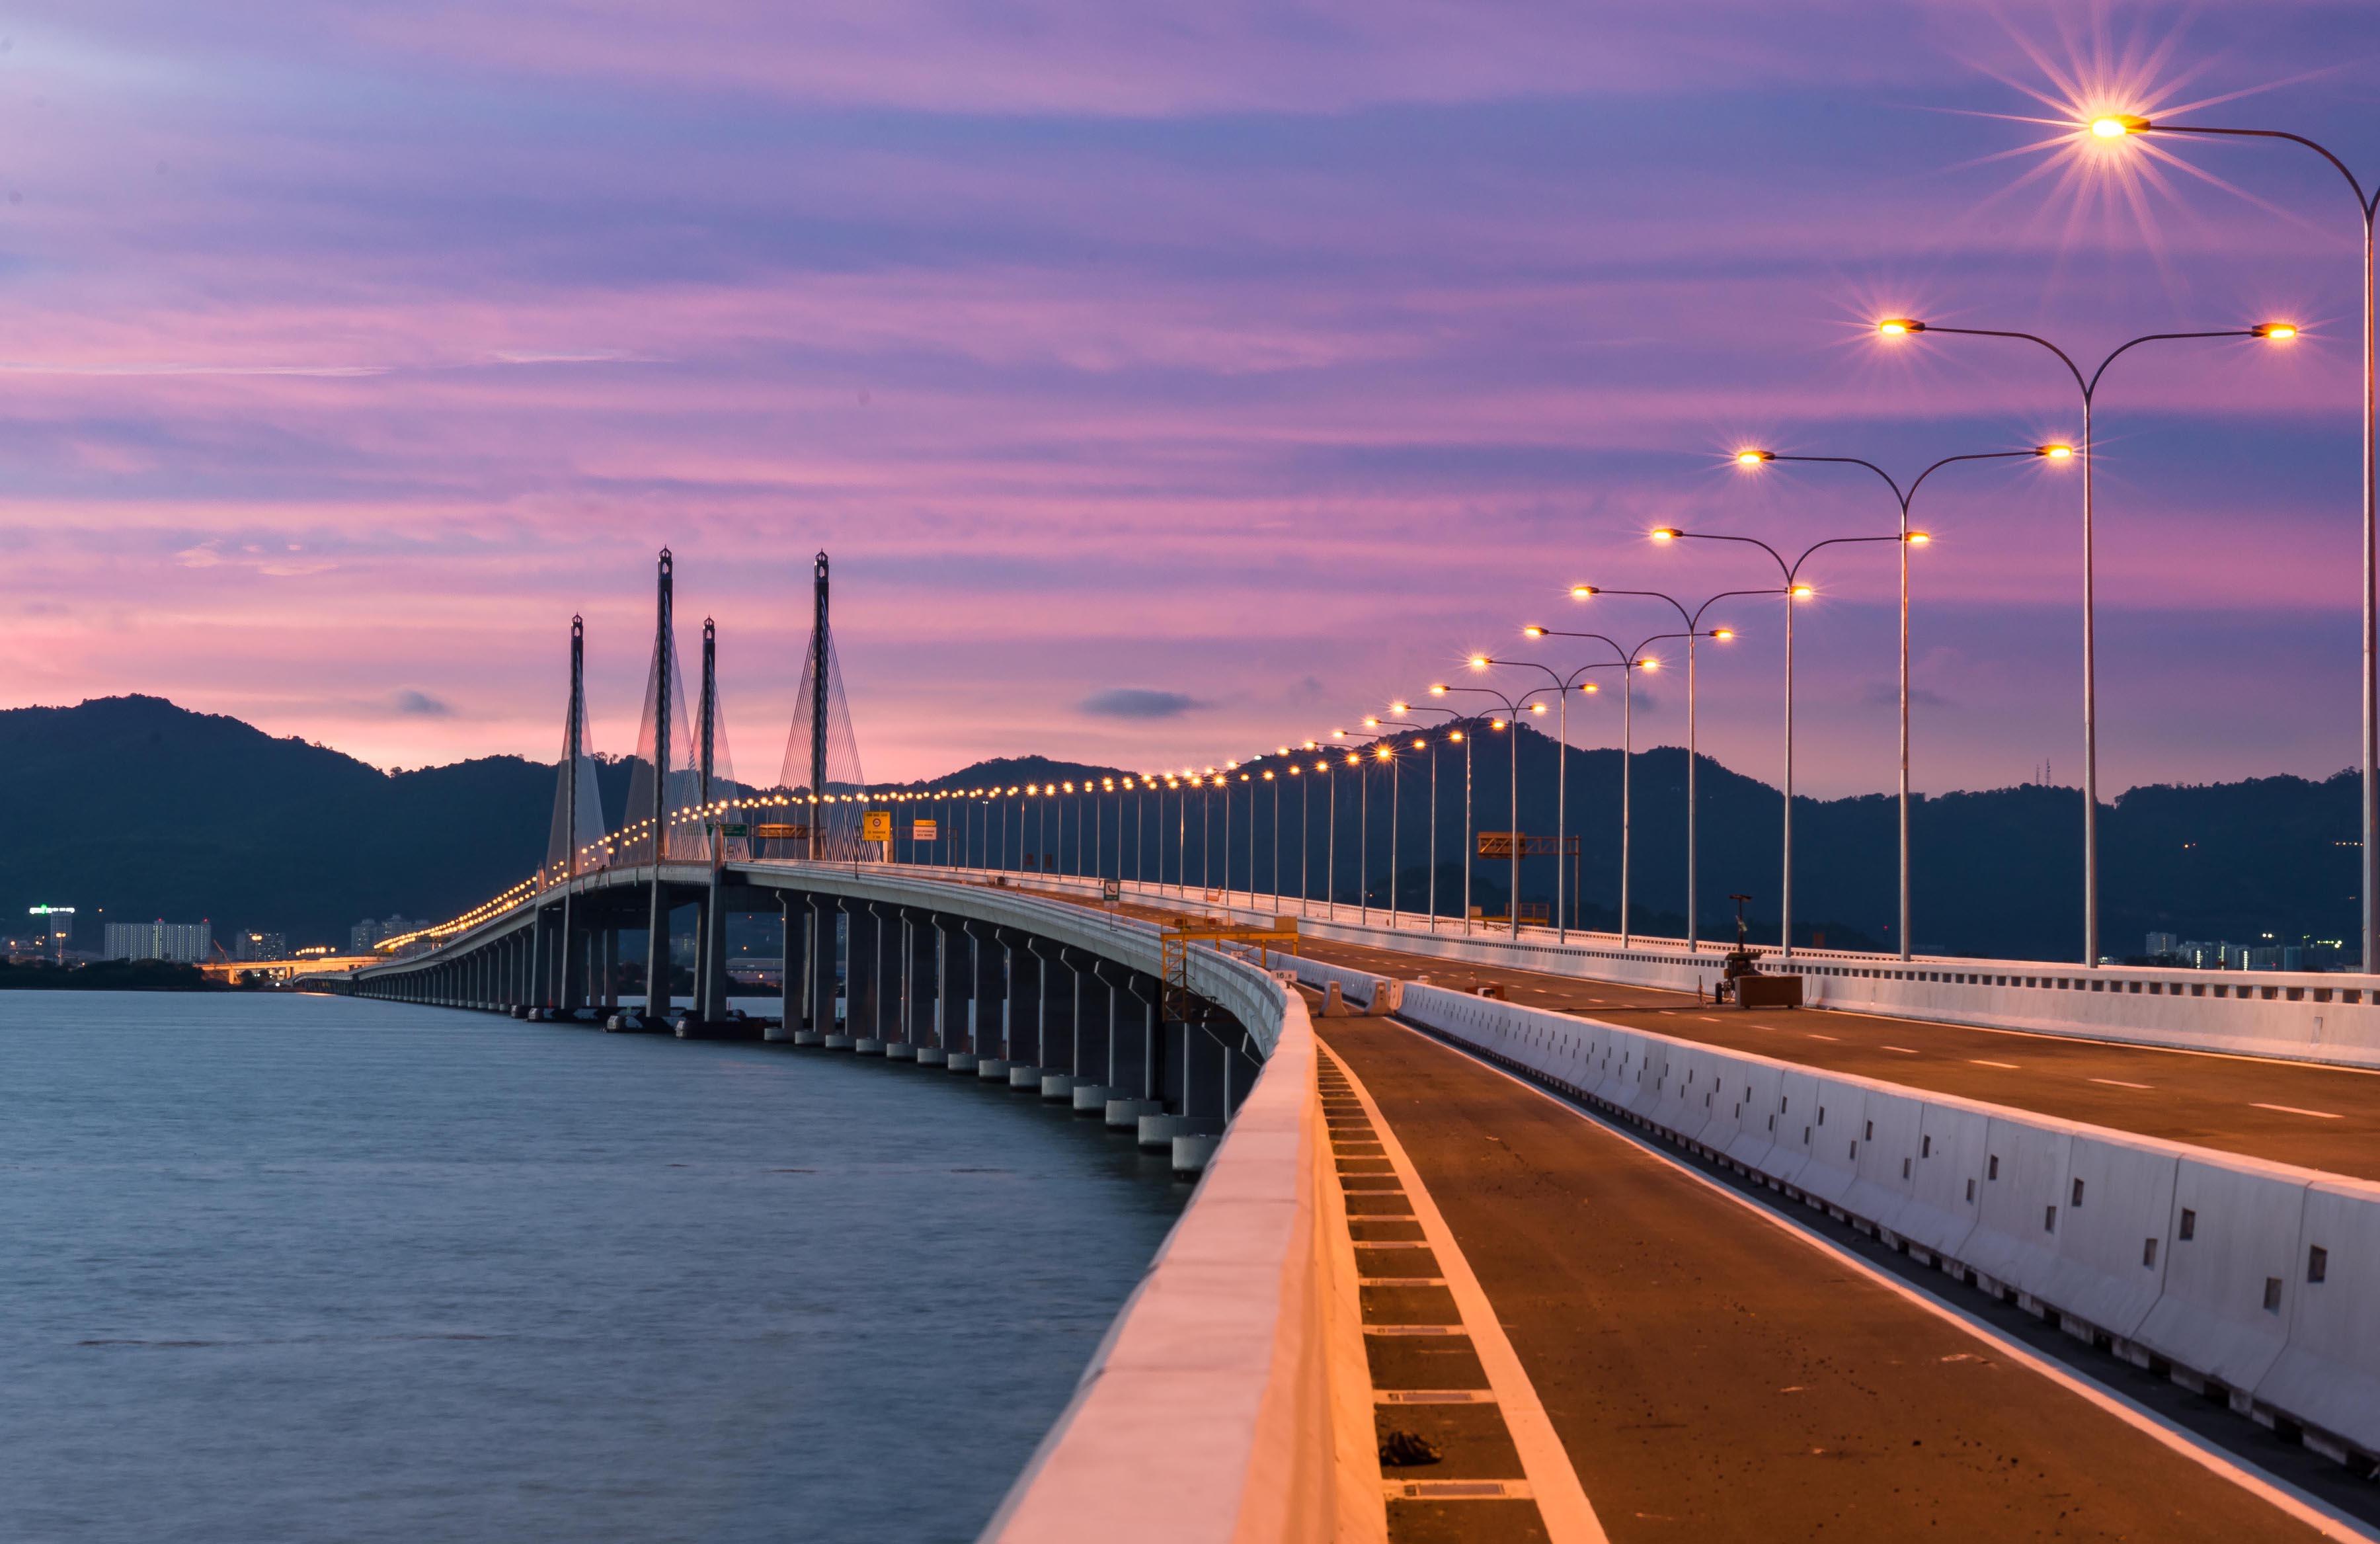 中国港口协会网_中国交通建设股份有限公司-中国港口网